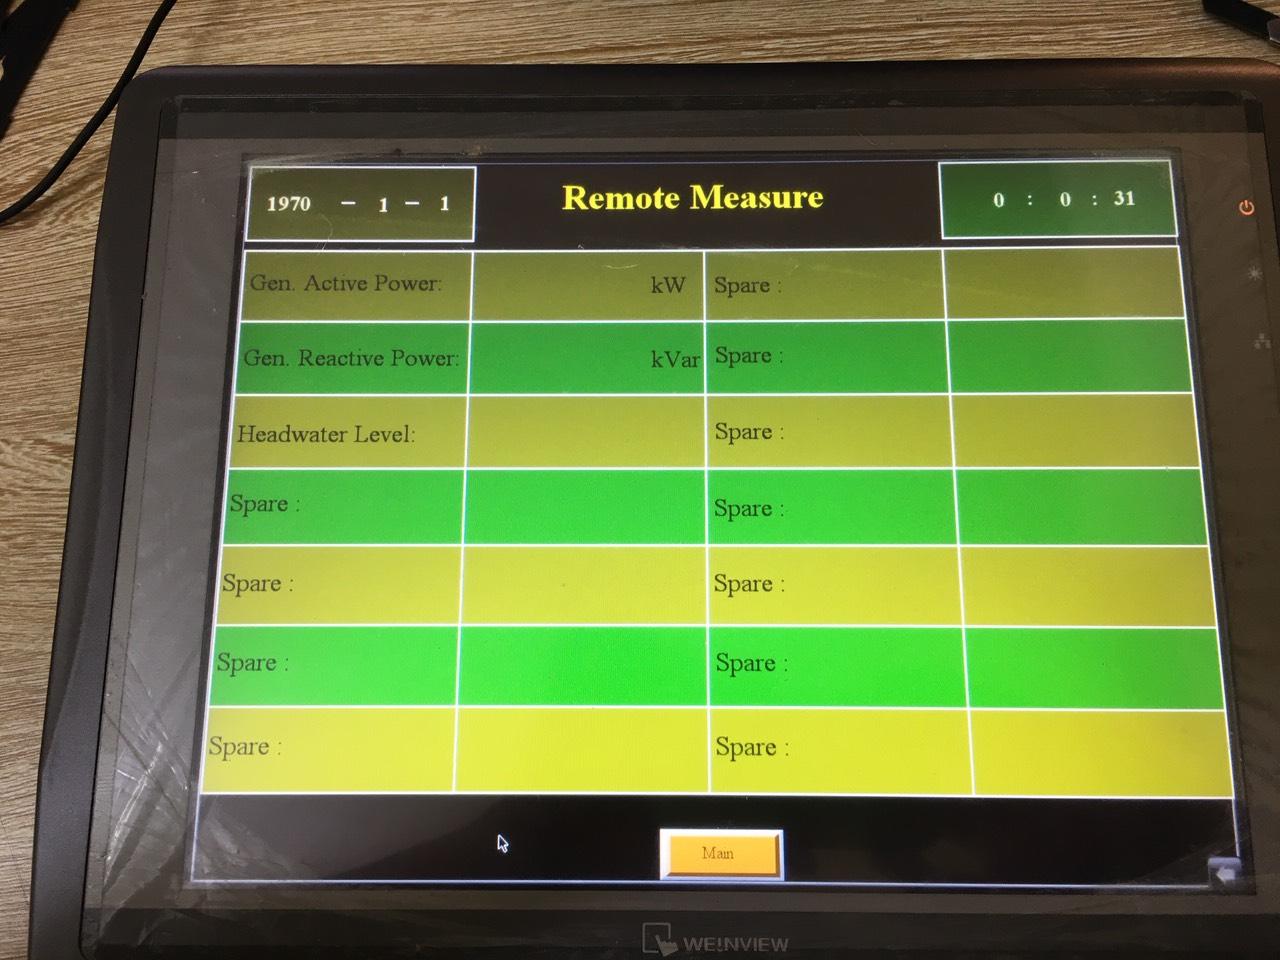 Chúng tôi chuyên sửa chữa màn hình Weintek MT8121iE và các model khác. Hotline: 0942.043.053(zalo) hoặc 0977.130.973 (zalo)